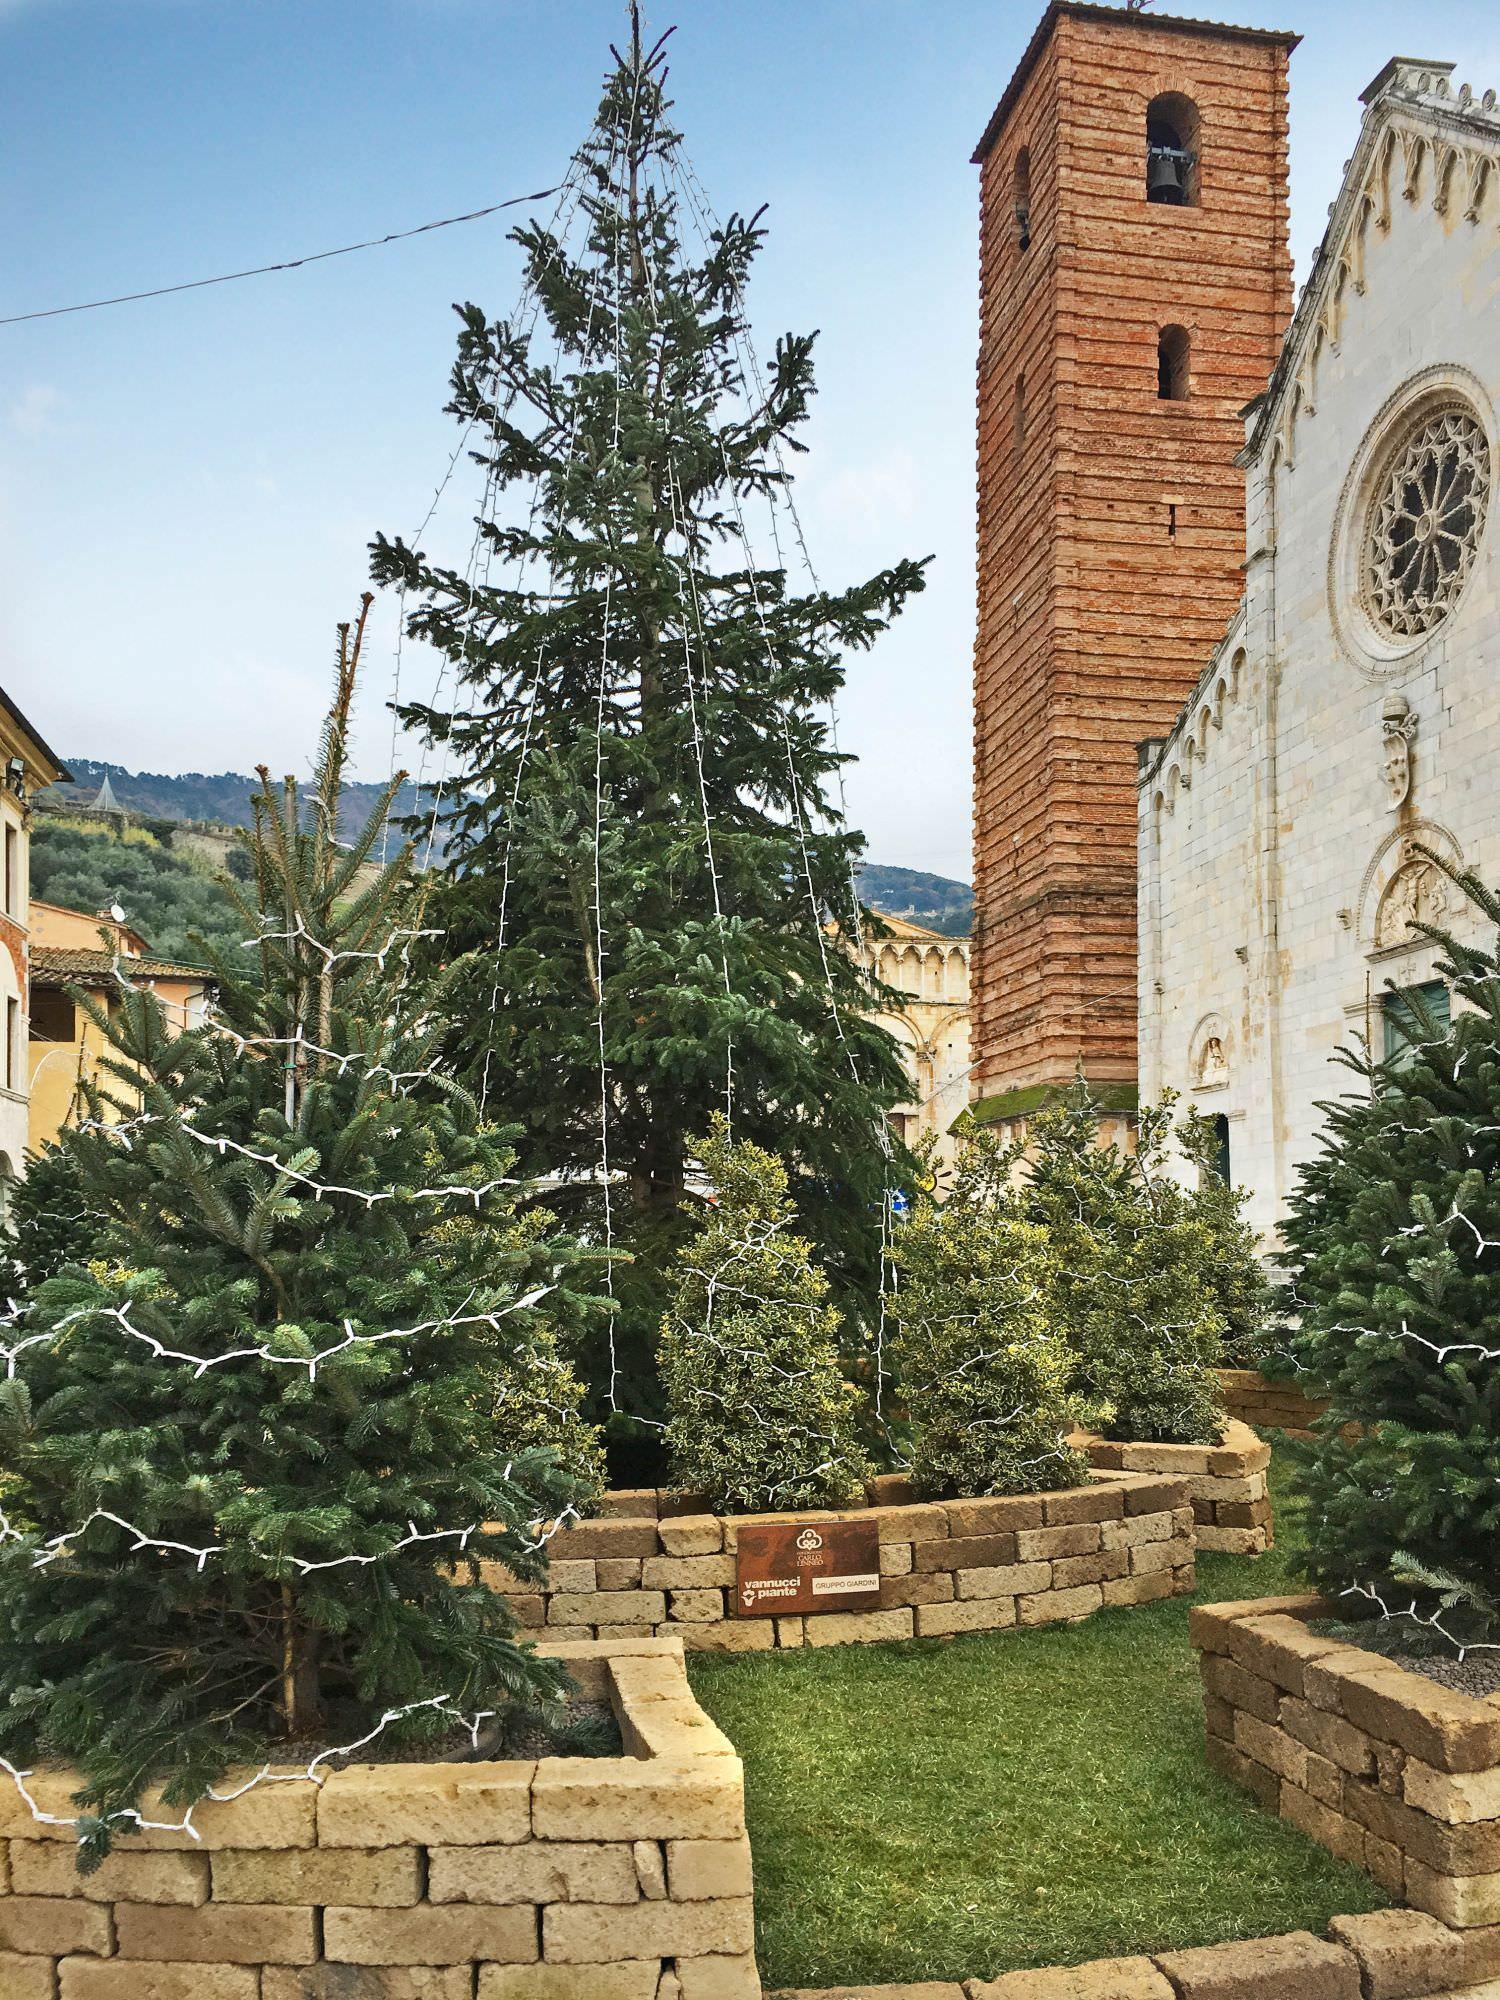 Da Pistoia il verde veste a festa la piazza di Pietrasanta